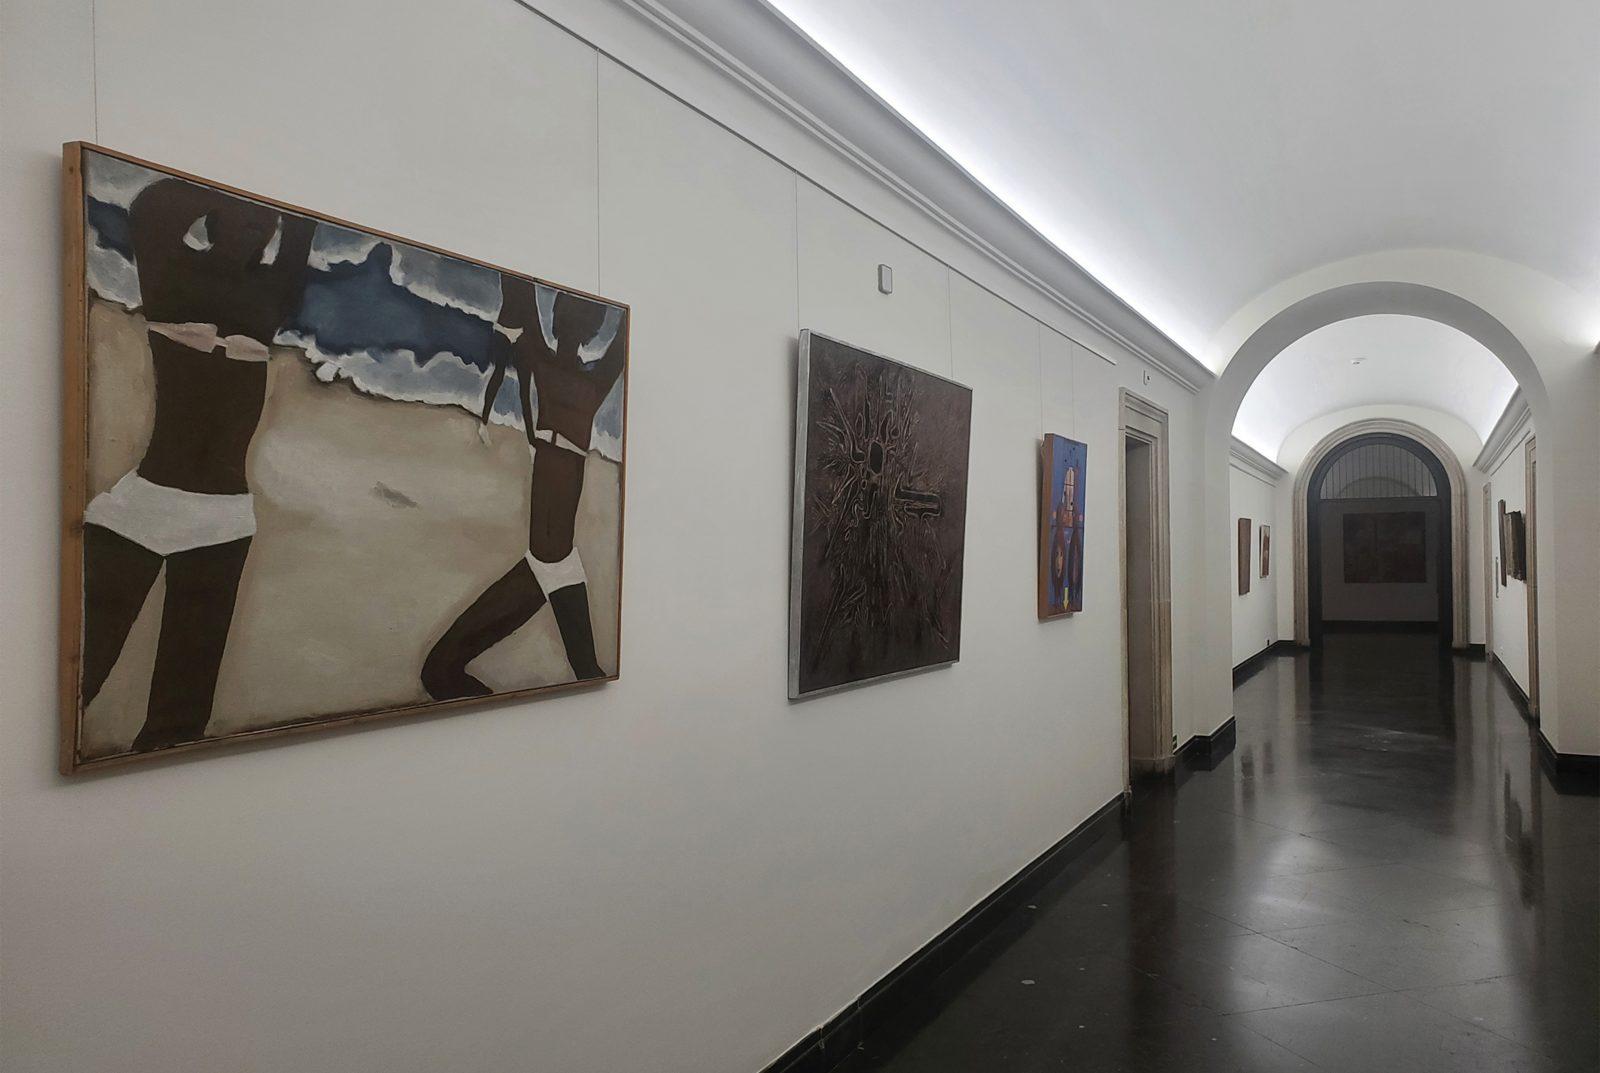 Wystawa malarstwa współczesnego<br> nakorytarzu Ip. <br>w budynku nr5. Napierwszym planie <br>obraz Jerzego Nowosielskiego,  <br> fot. S. Majoch, 2021